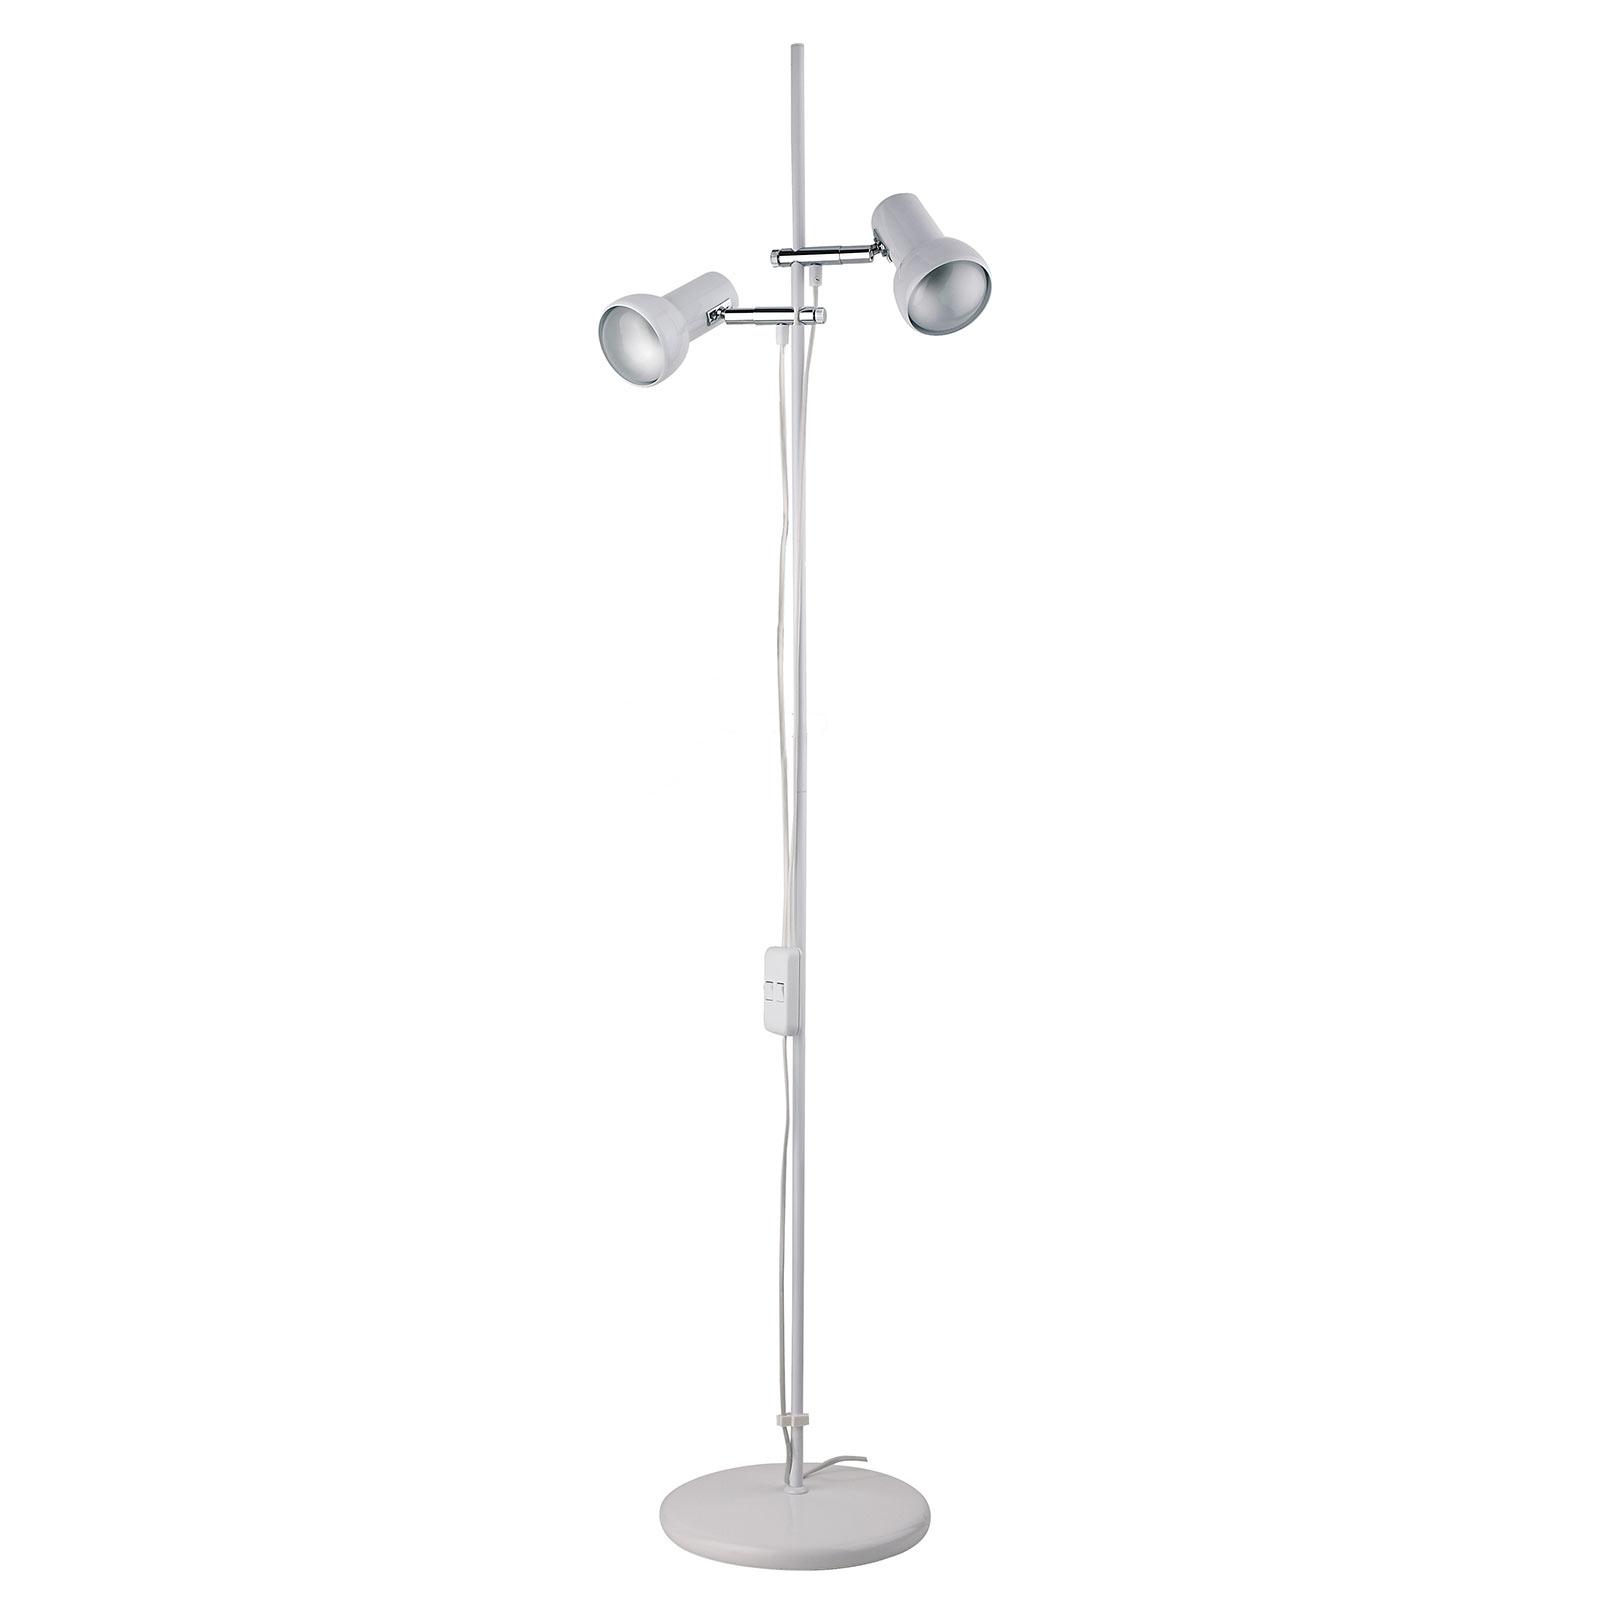 2zdrojová stojací lampa EIFEL, bílá